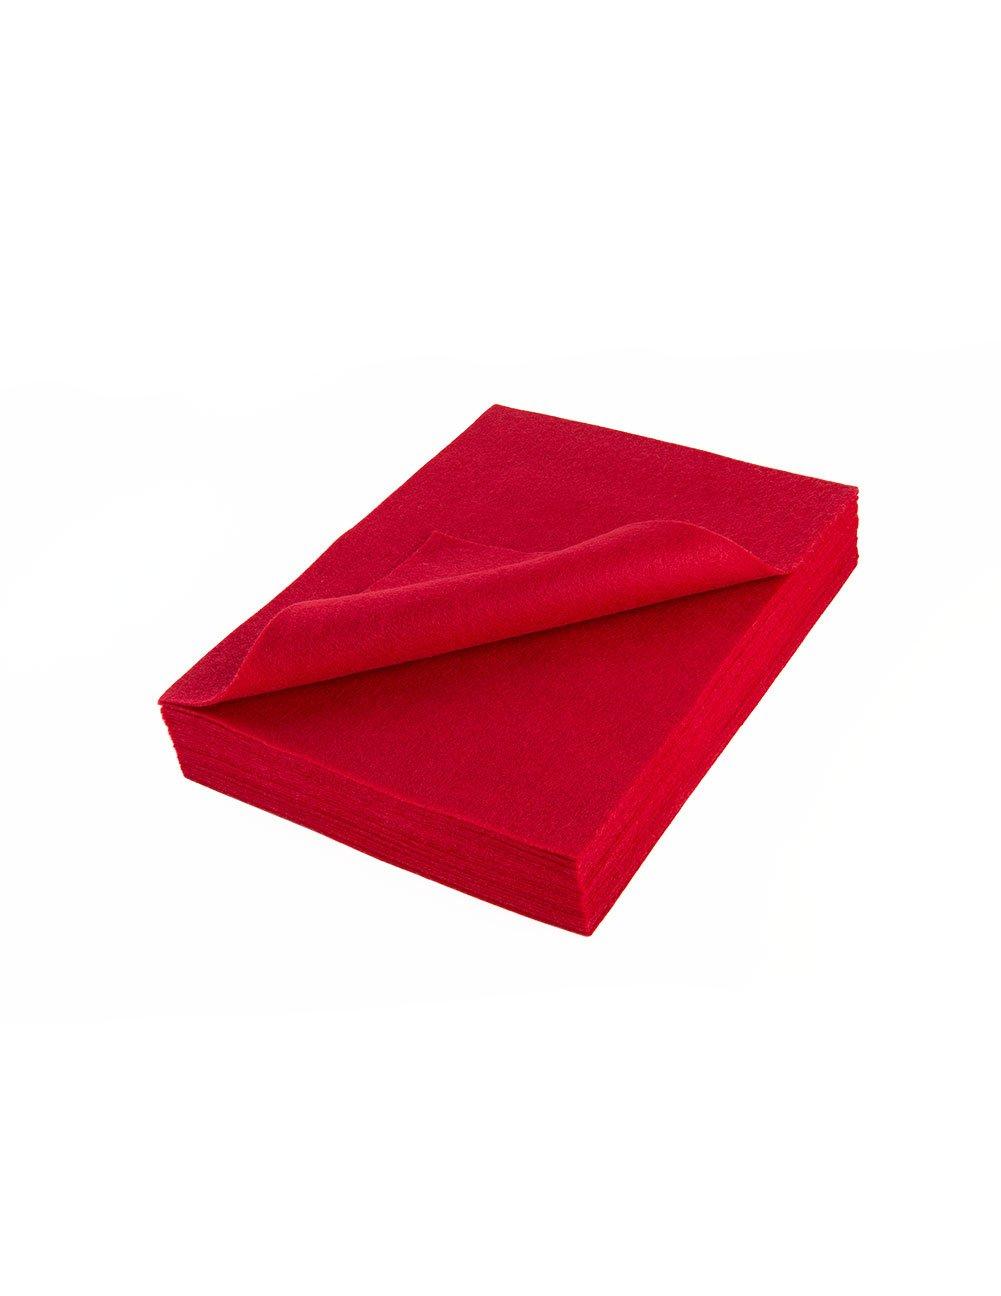 Acrylic Felt Sheet 9'' X 12'': 25 PCS, Red